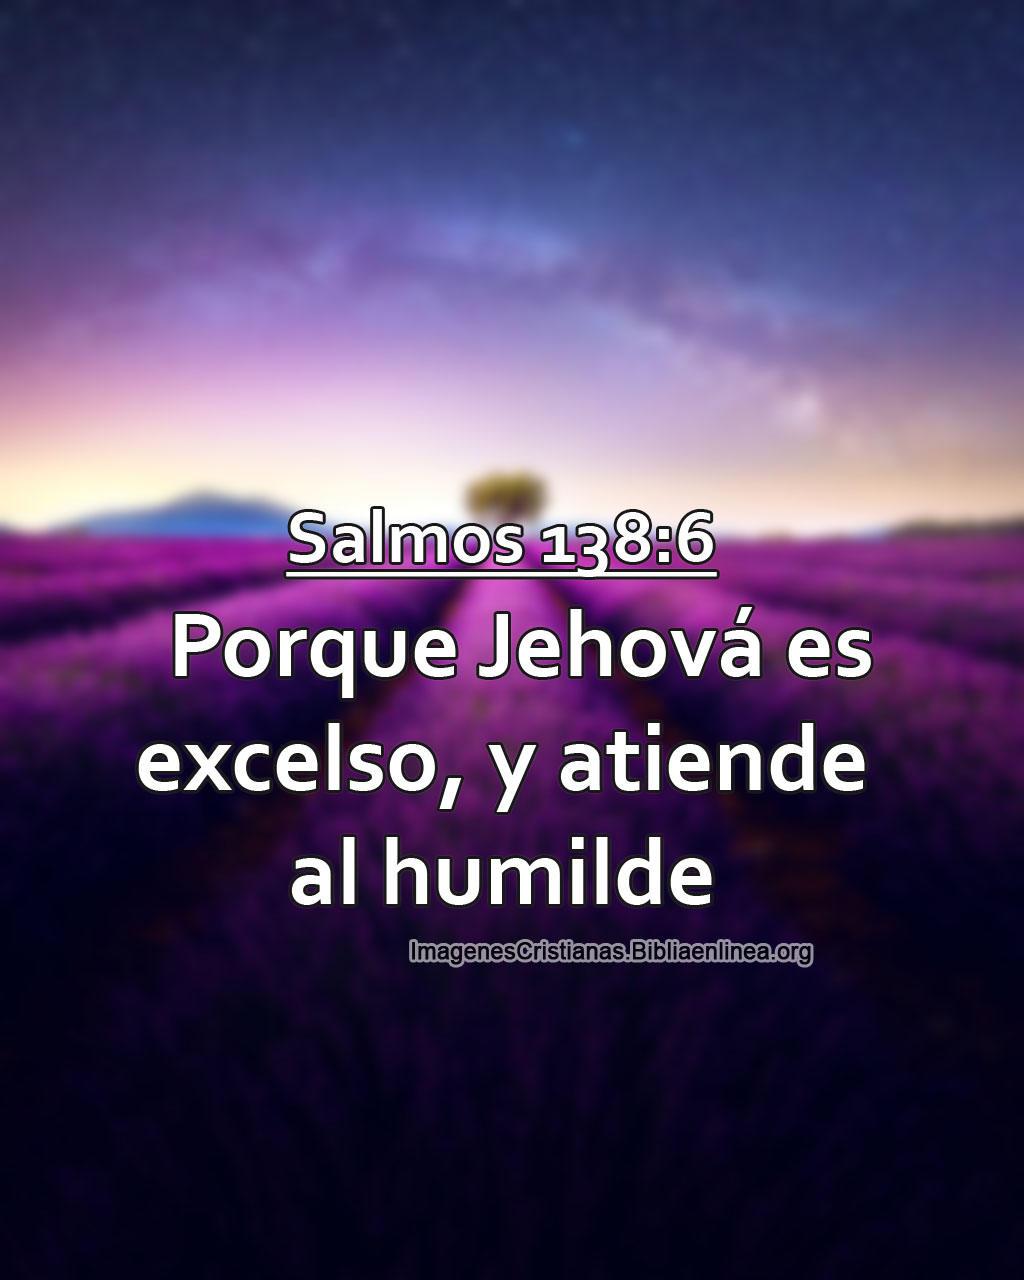 Dios ama a los humildes imagenes cristianas